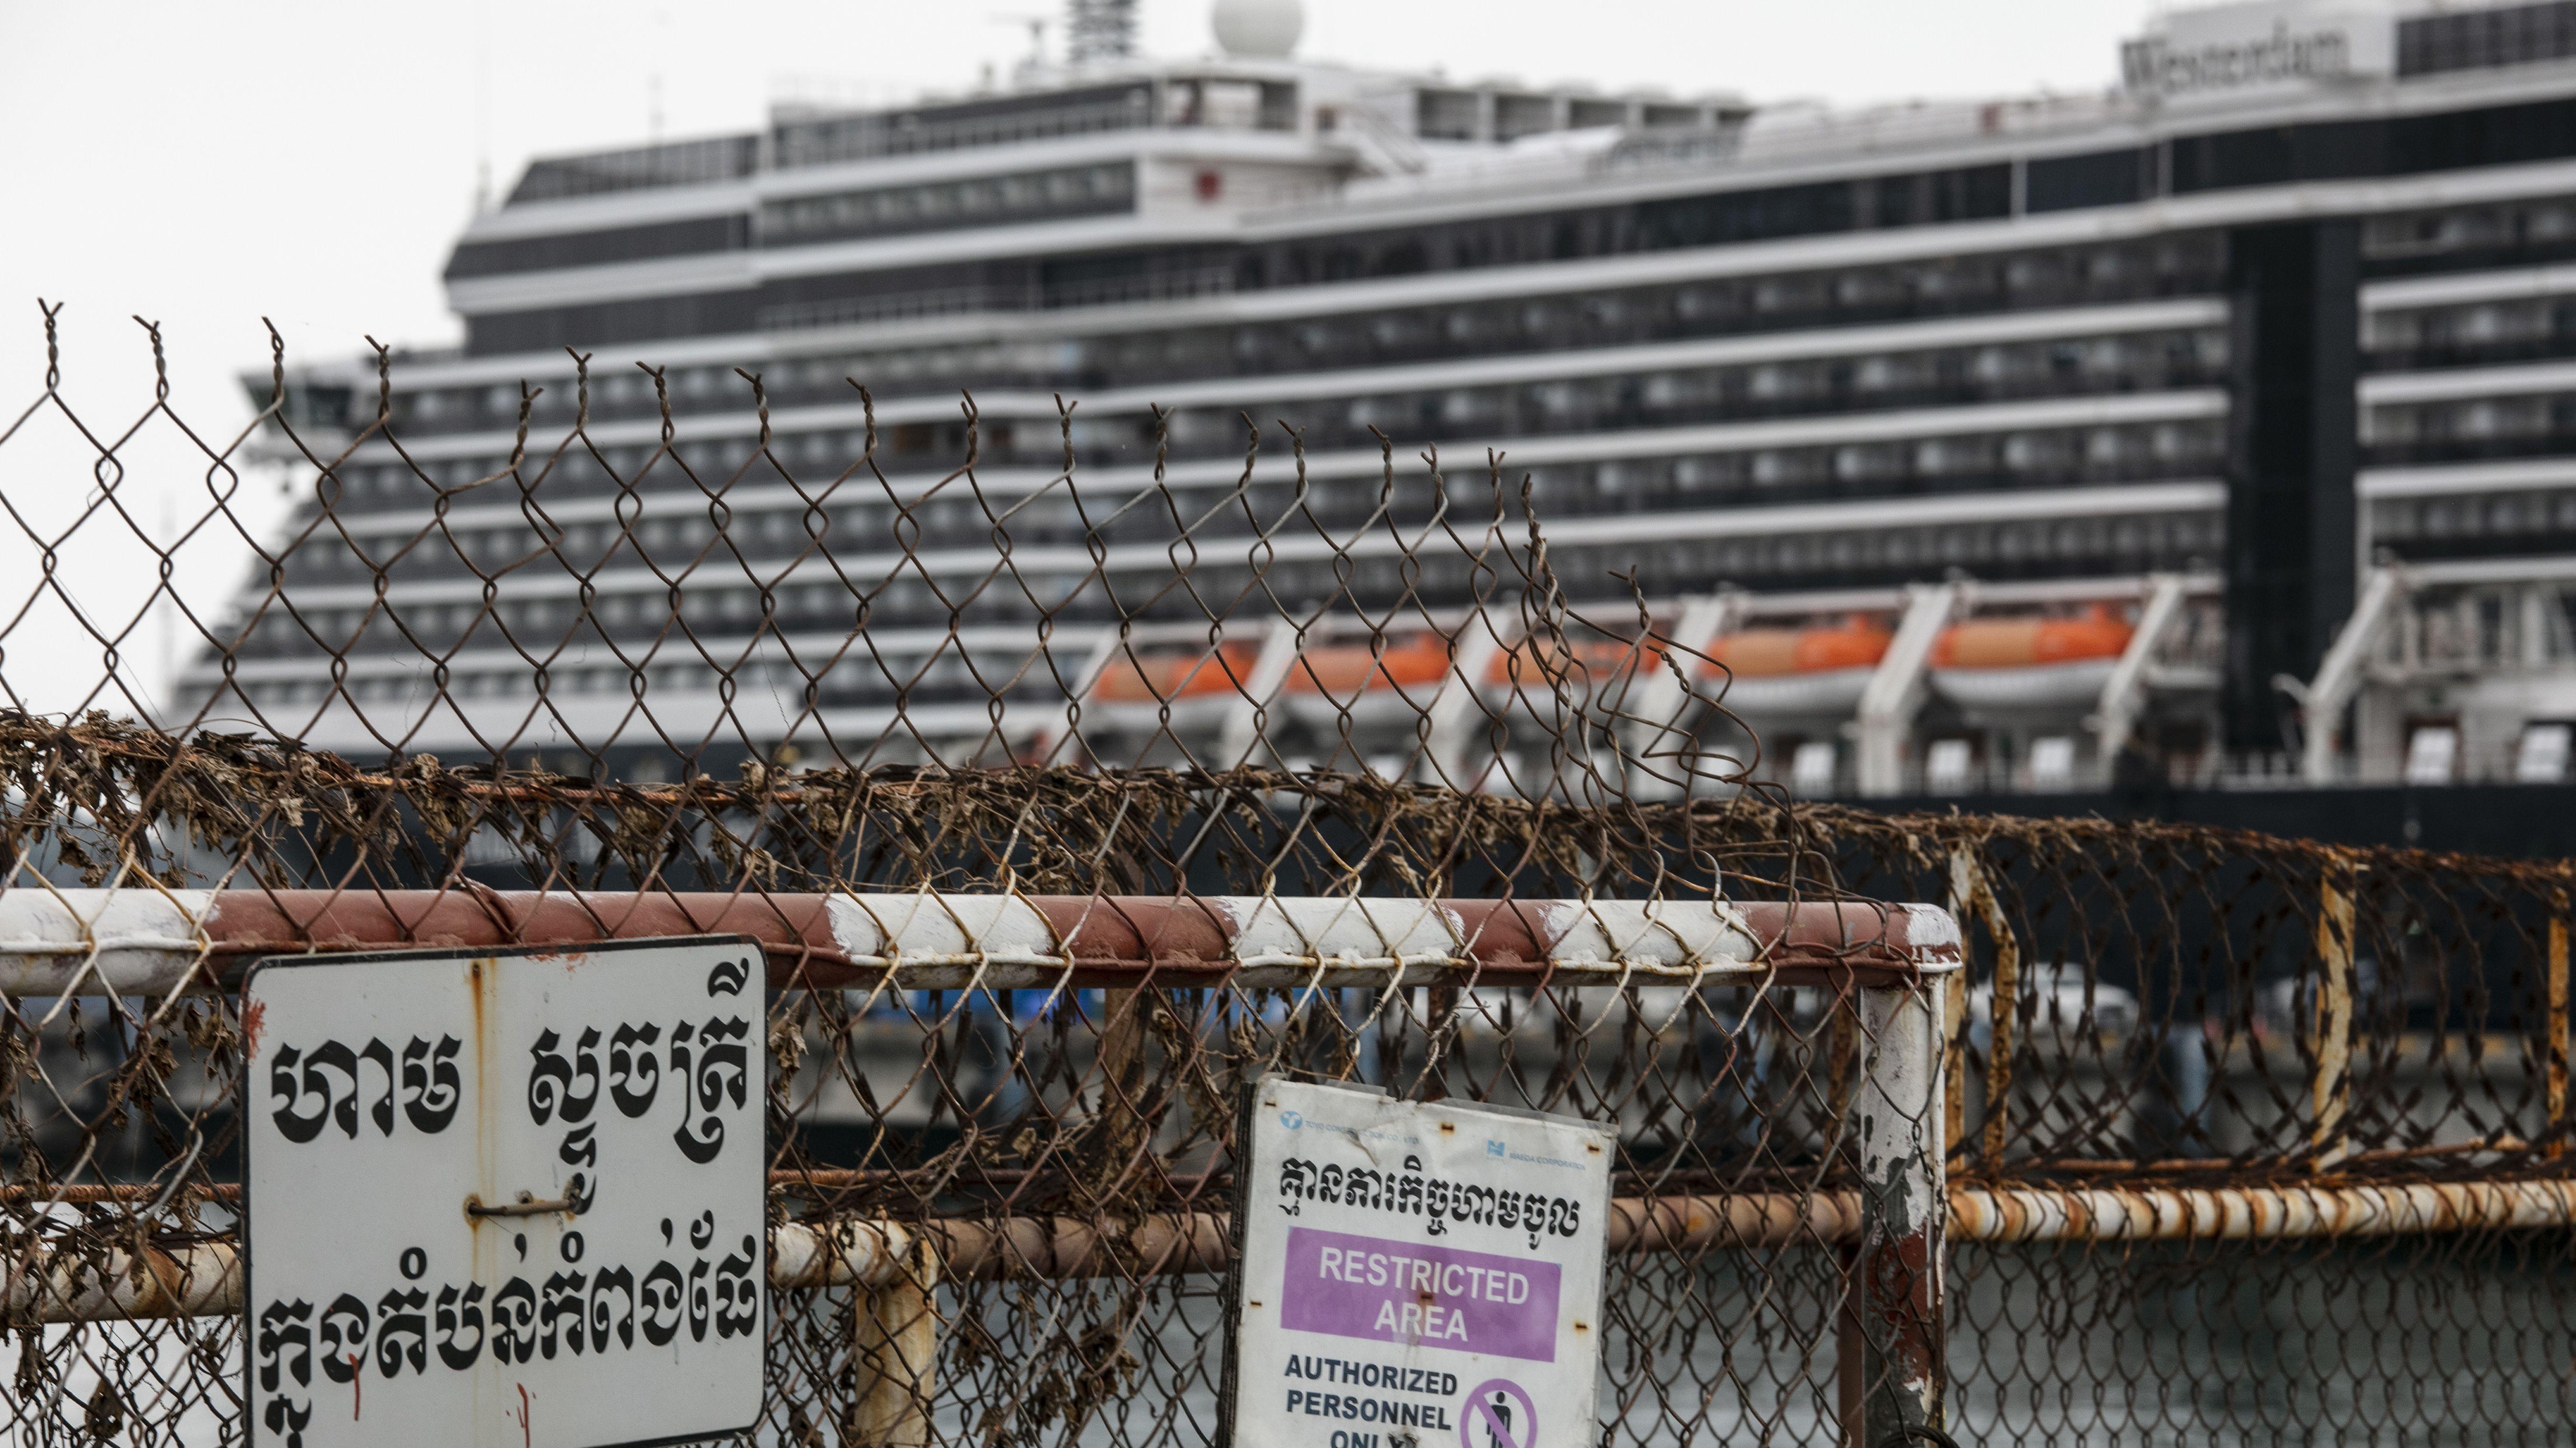 MS Westerdam im Hafen von Sihanoukville in Kambodscha